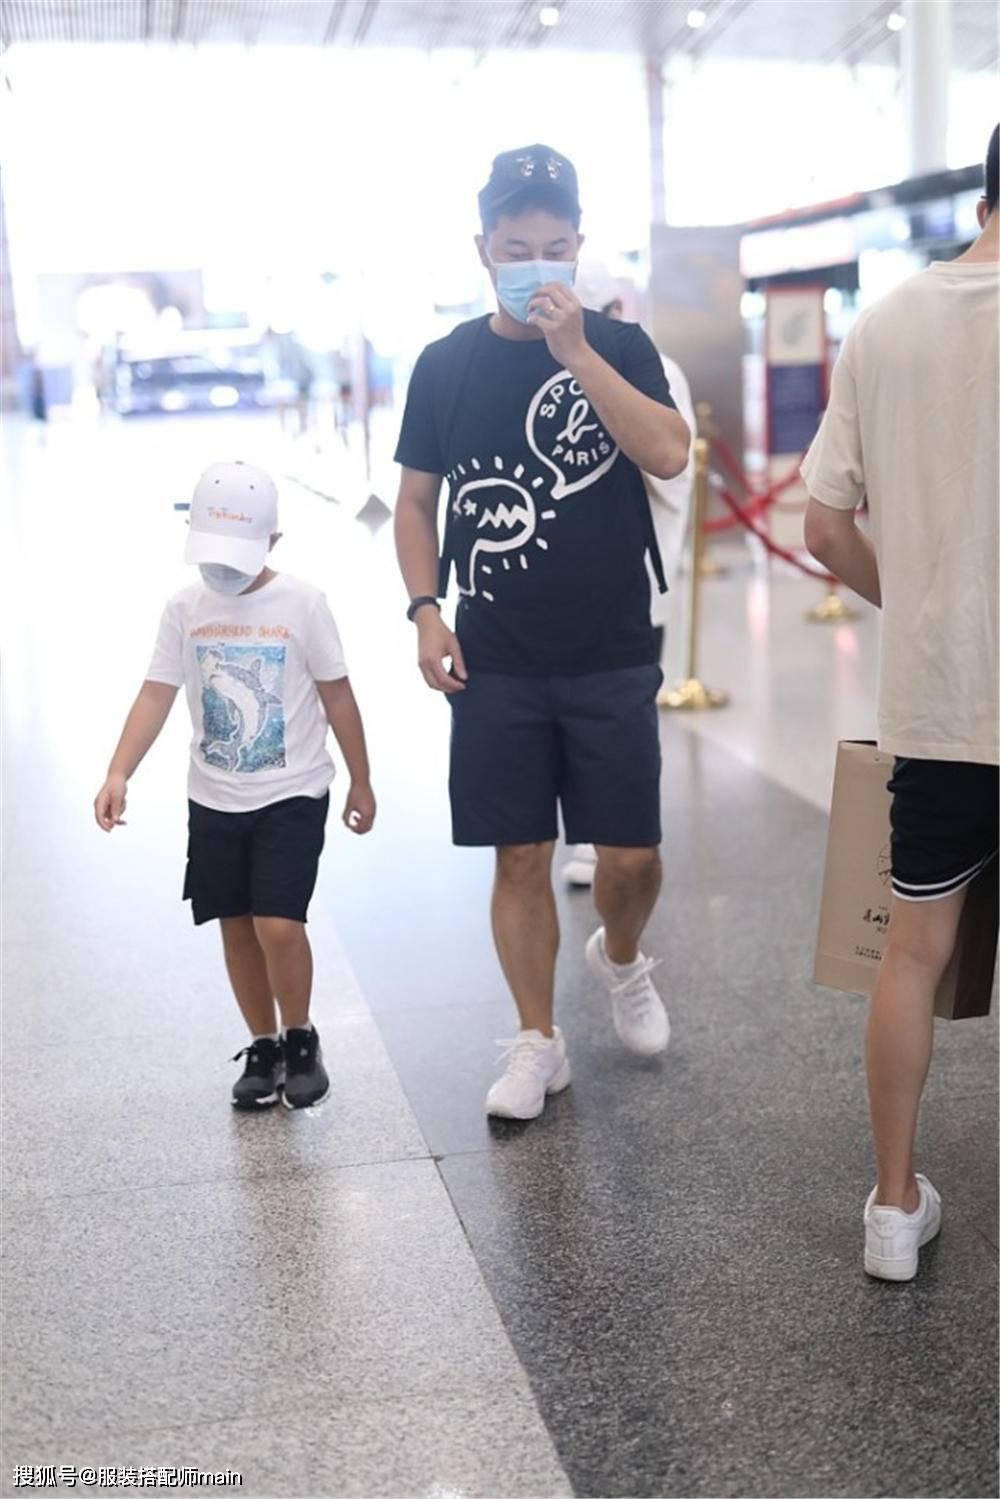 沙溢父子同框出镜,一黑一白穿成亲子装时尚默契,小鱼儿比爹帅气